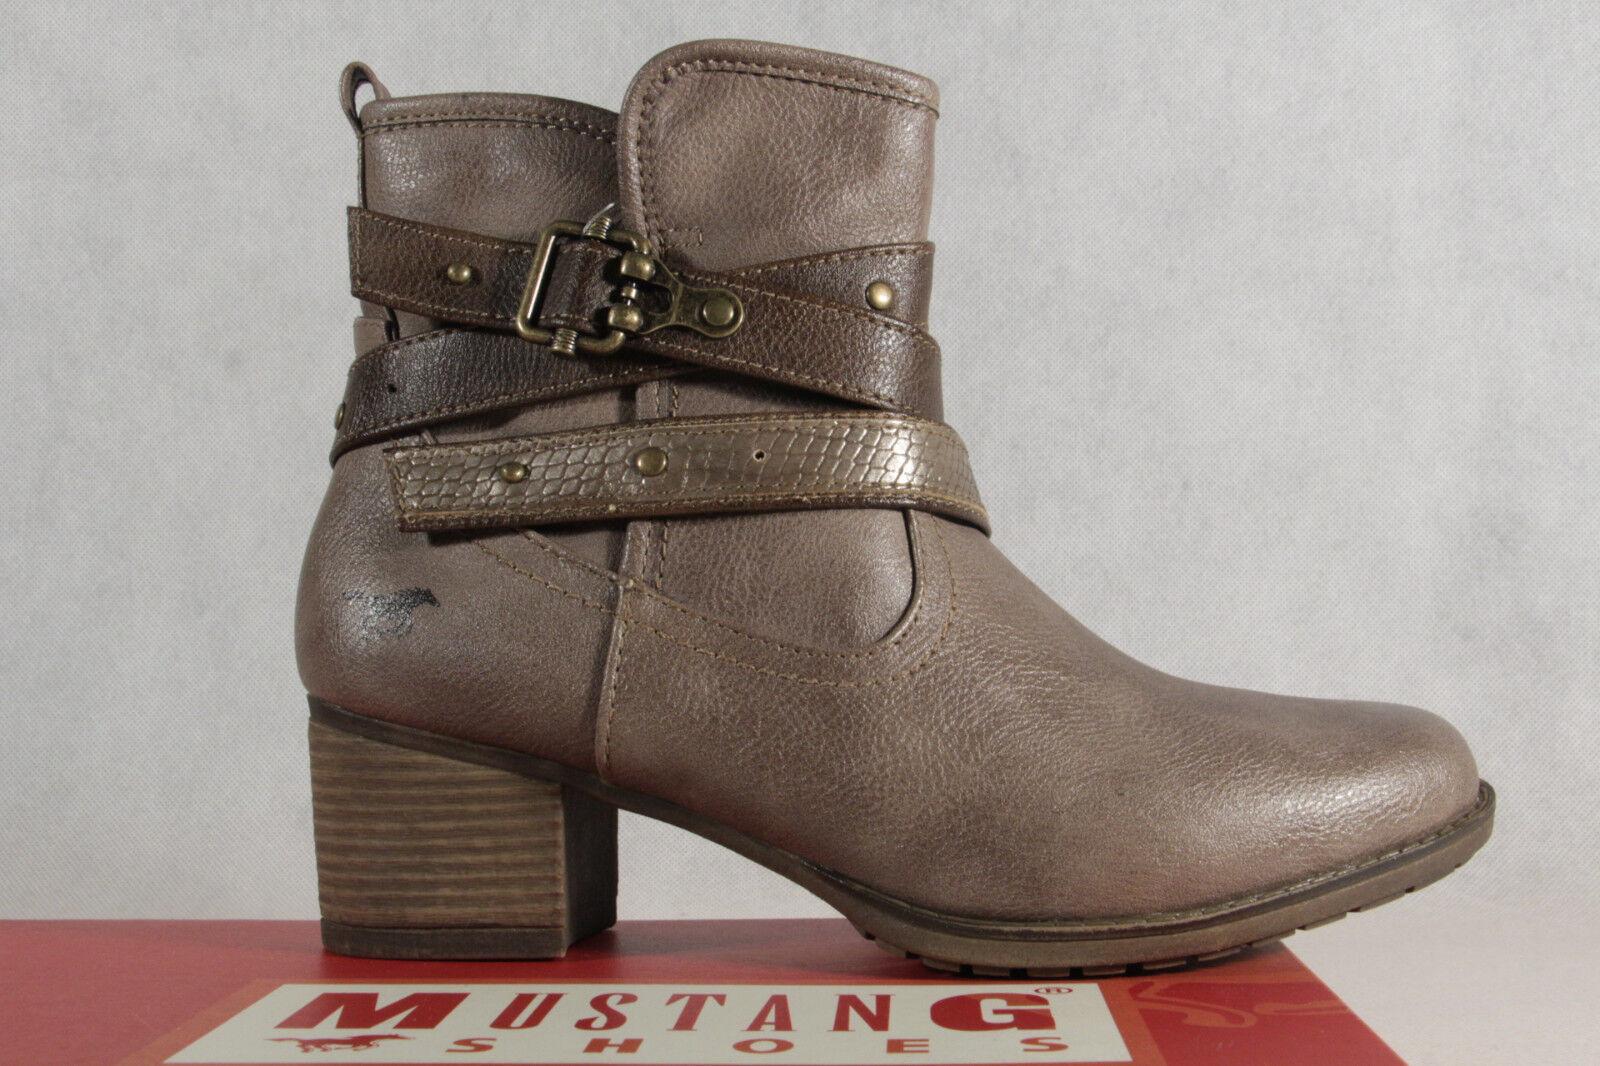 MUSTANG Damen Stiefel Stiefel & Stiefeletten, Beige (Taupe